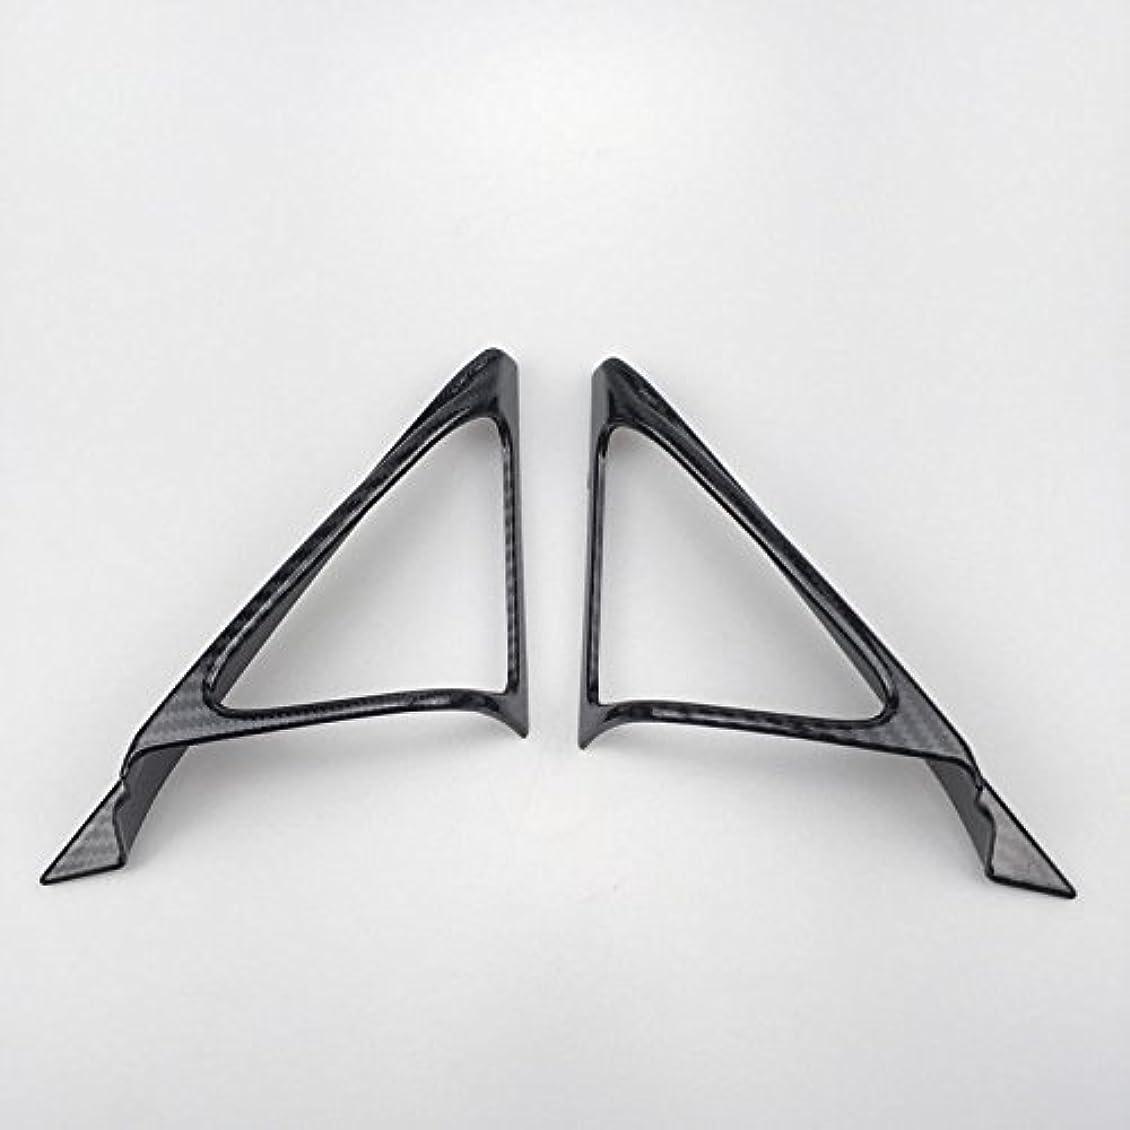 スリーブシーボード賞賛するJicorzo - 2pcs ABS Plastic A Pillar Triangle Cover Trim For Honda Accord Tenth generation 2018 Car Interior Accessories Styling